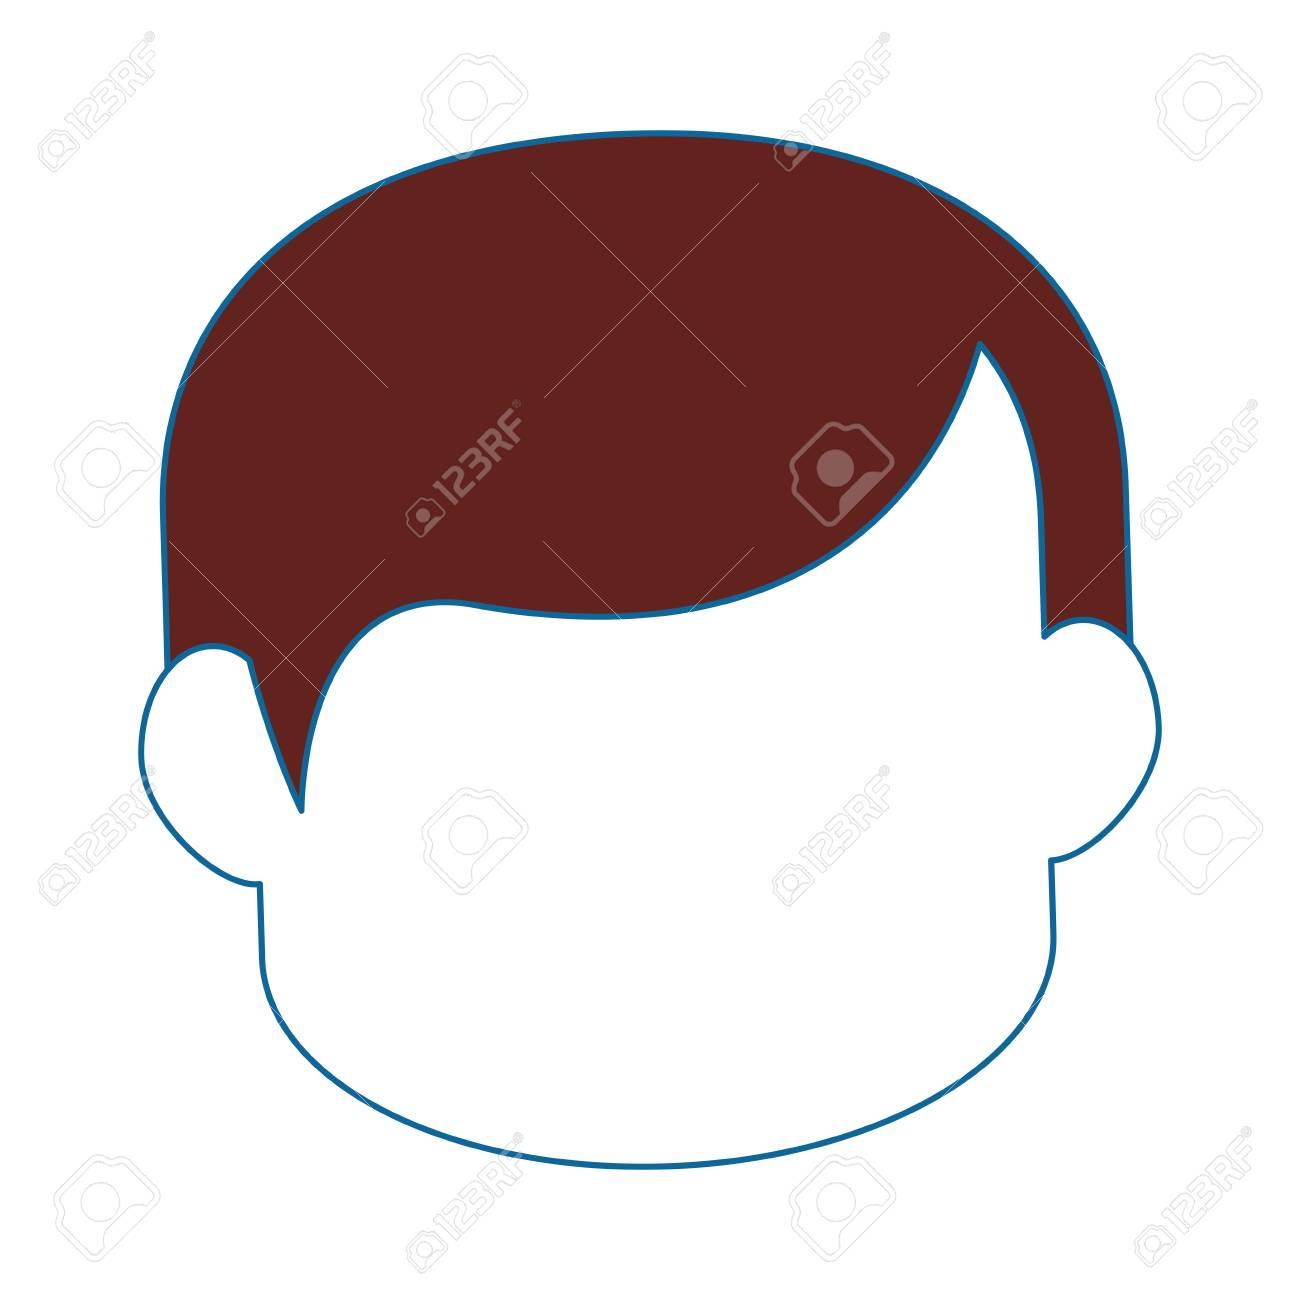 남자 만화 프로필 아이콘 벡터 일러스트 그래픽 디자인